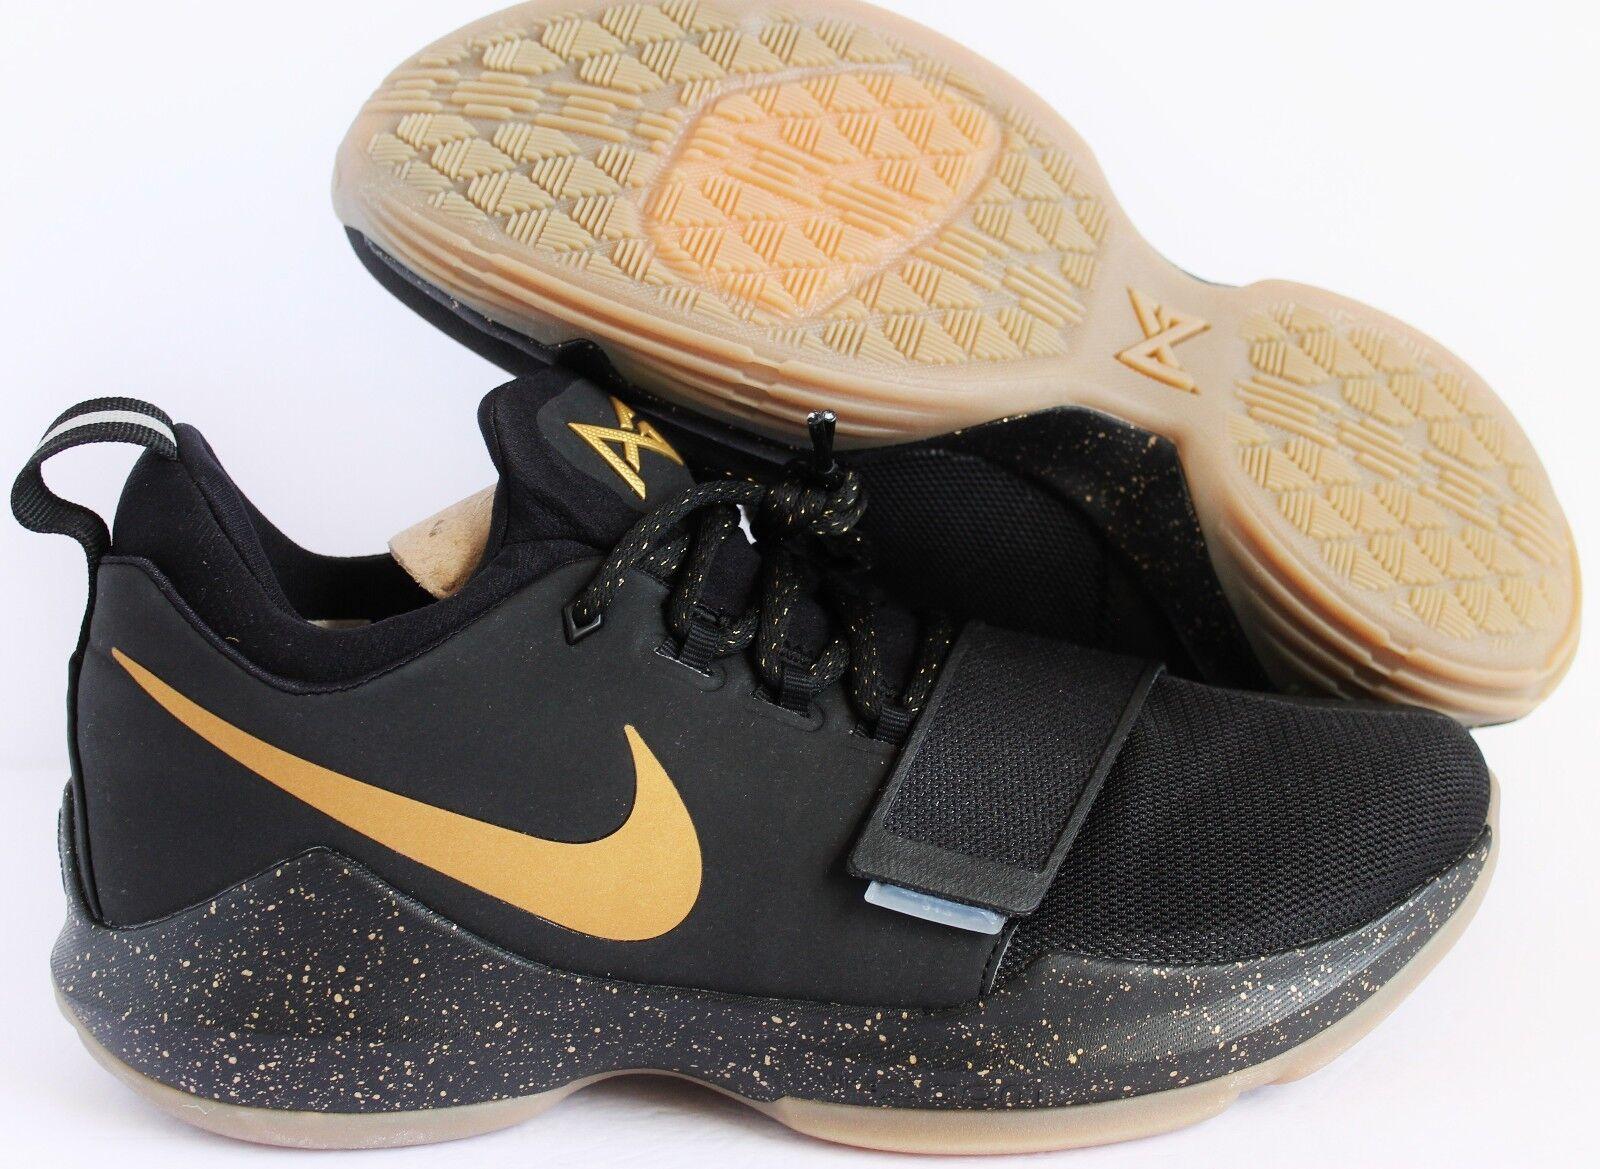 Nike PG 1 Paul goma George id oro negro goma Paul SZ 11 [aa1747-991] bb73e2